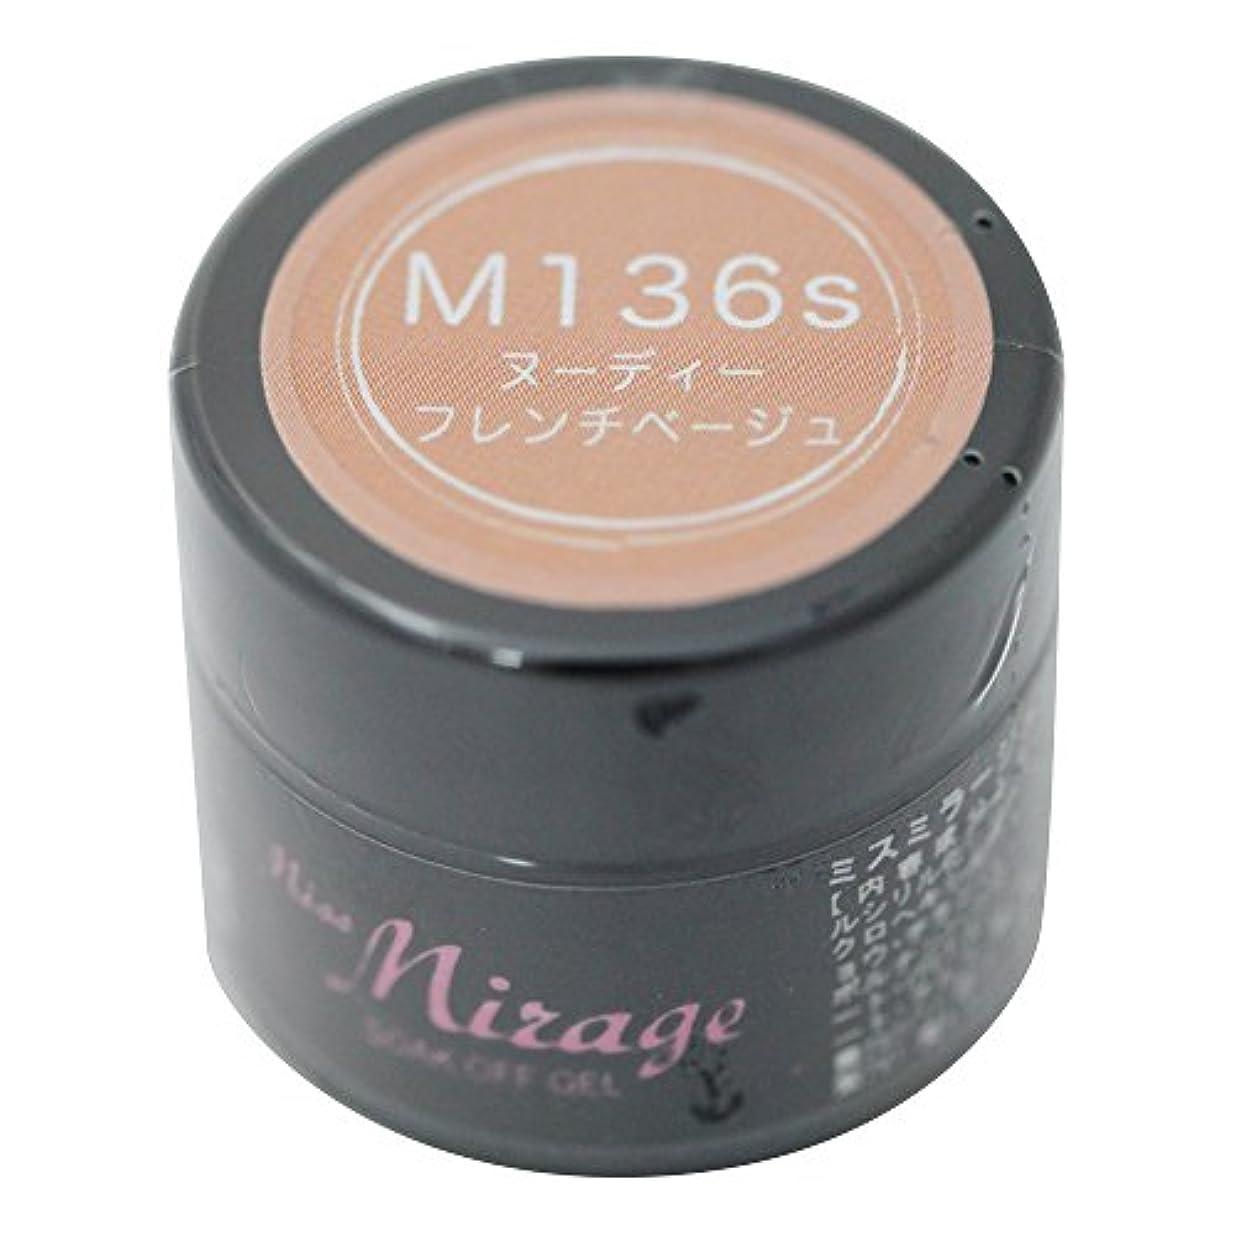 におい敬水素Miss Mirage M136S ヌーディーフレンチベージュ 2.5g UV/LED対応タイオウ